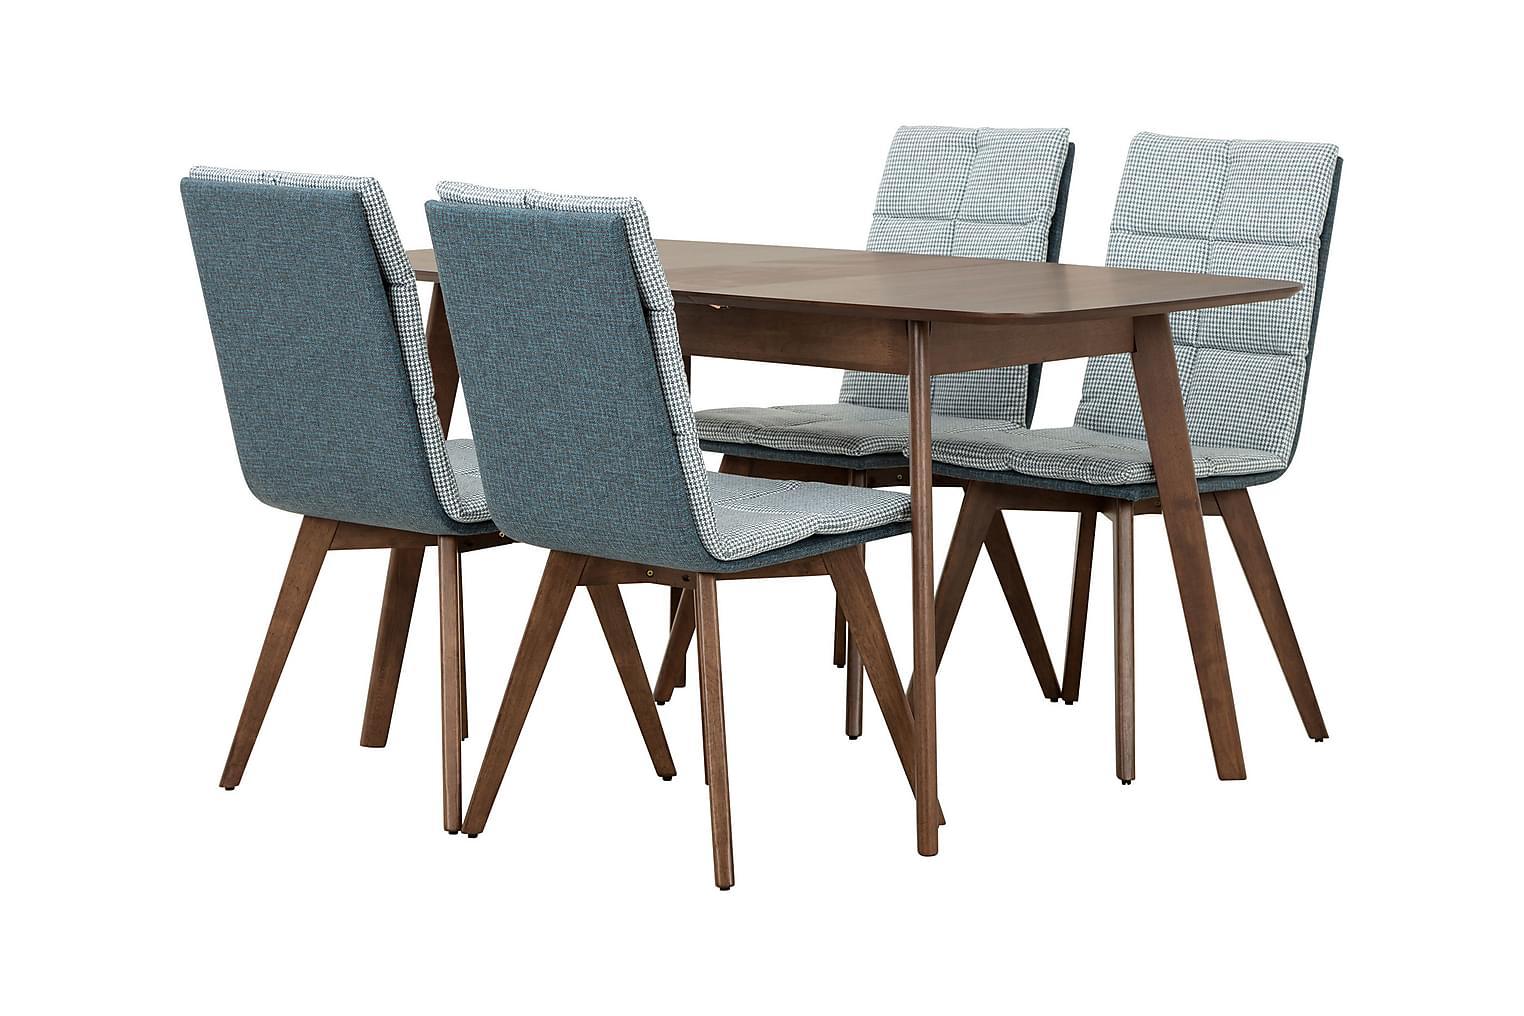 ELINA Pöytä 120 Pähkinä + 4 EDDIE Tuolia Sininen/Pähkinä